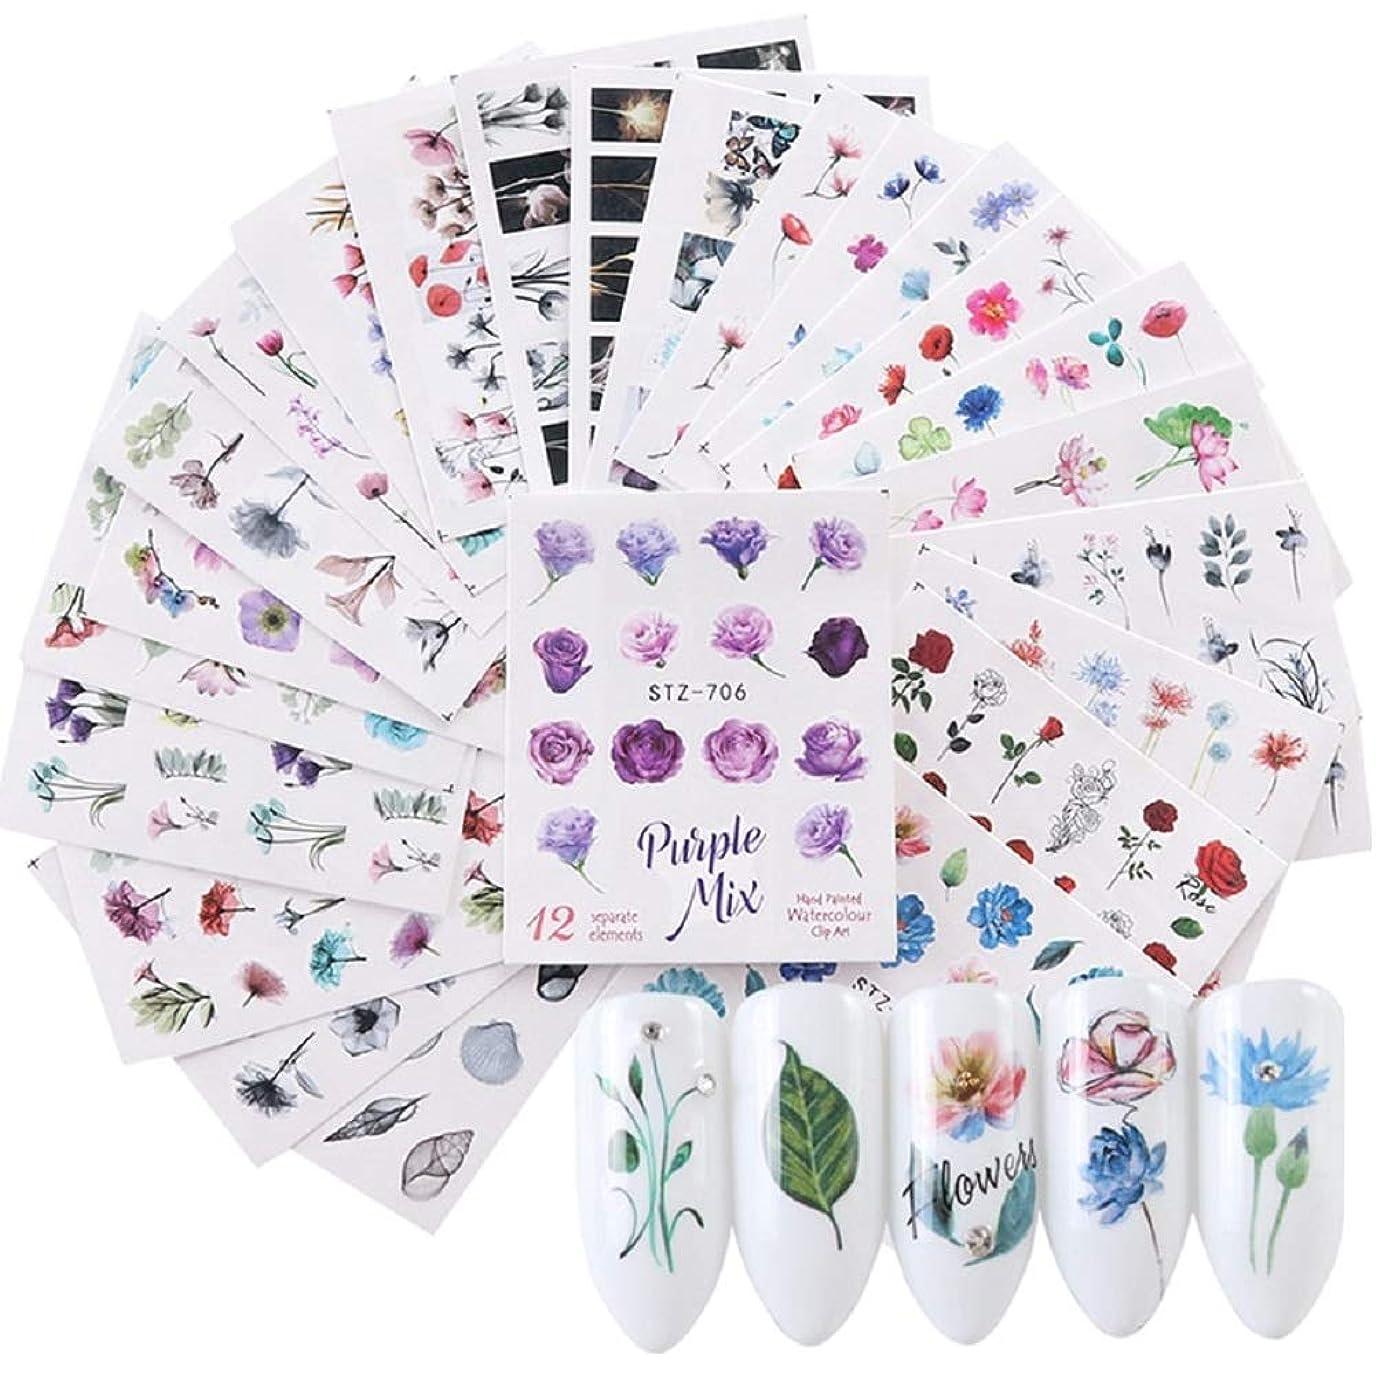 旧正月伝記試み24pcs Watercolor Floral Flower Sticker Nail Decals Set Flamingo Sea Horse Designs Gel Manicure Decor Water Slider 水彩フラワーフラワーステッカーネイルステッカーセットフラミンゴシーホースデザインジェルマニキュア装飾水スライダー